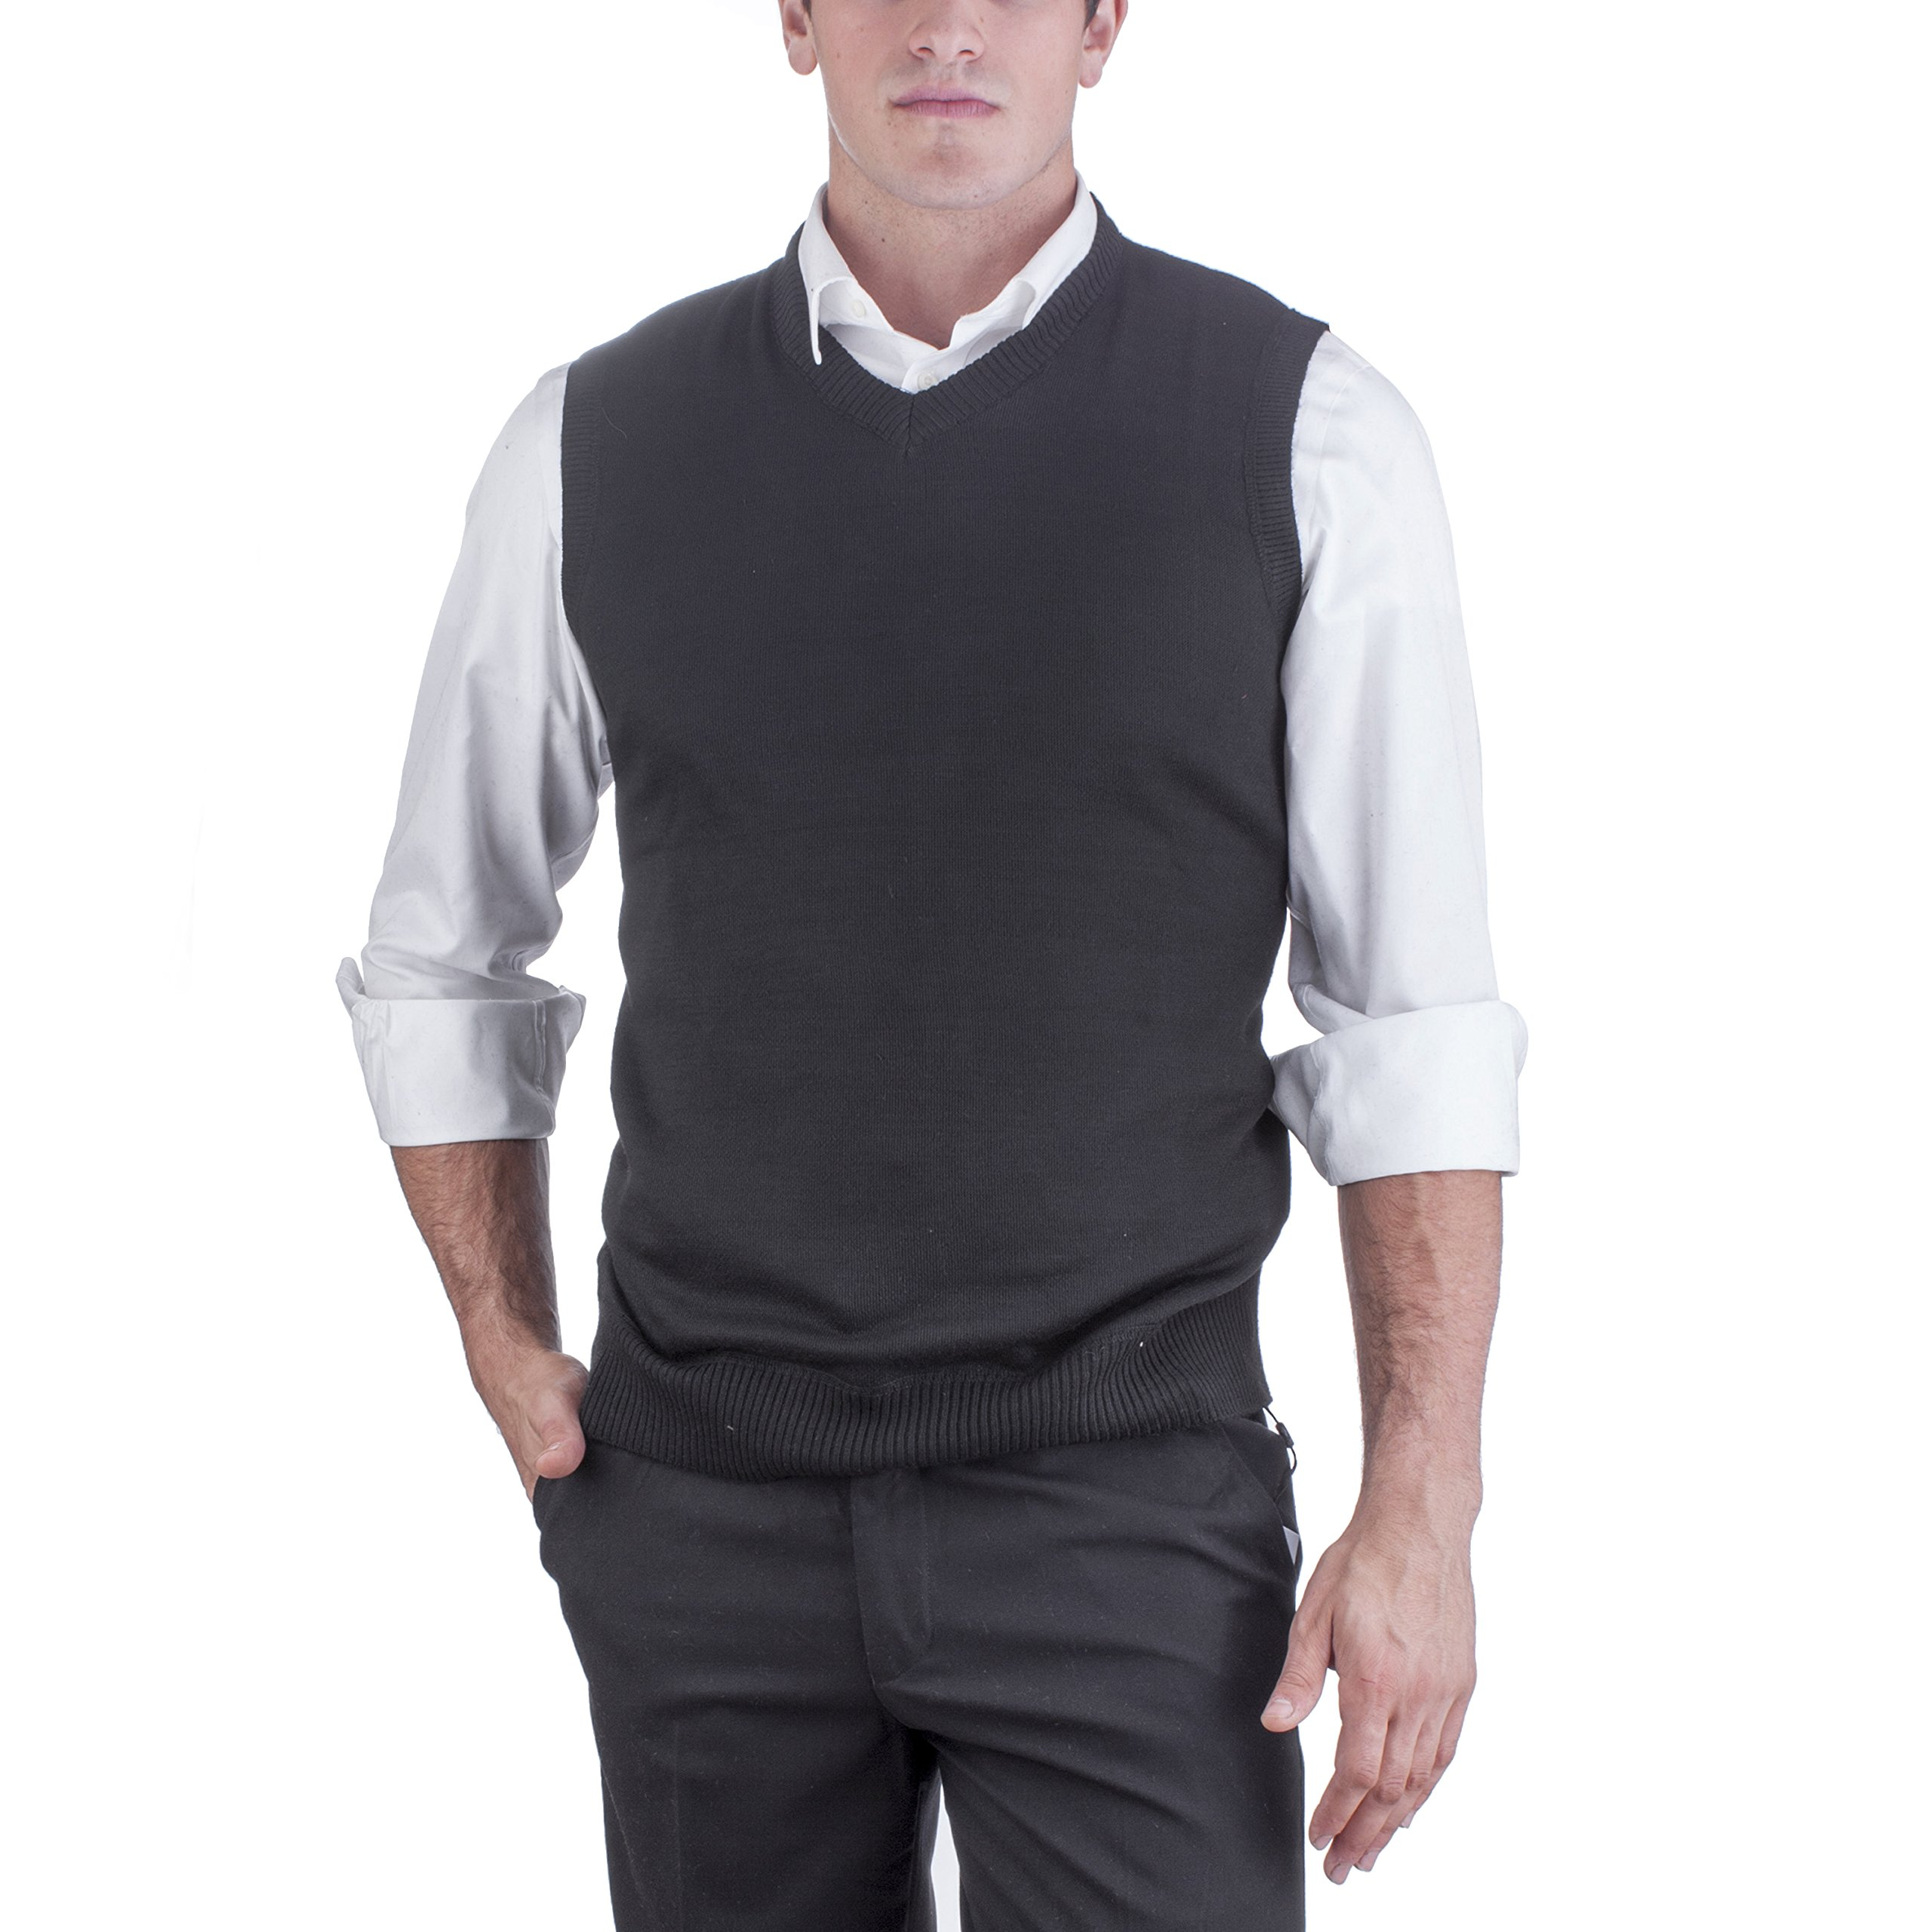 Alberto Cardinali Men's Solid Color V-Neck Sweater Vest SVS1 (Large, Black)